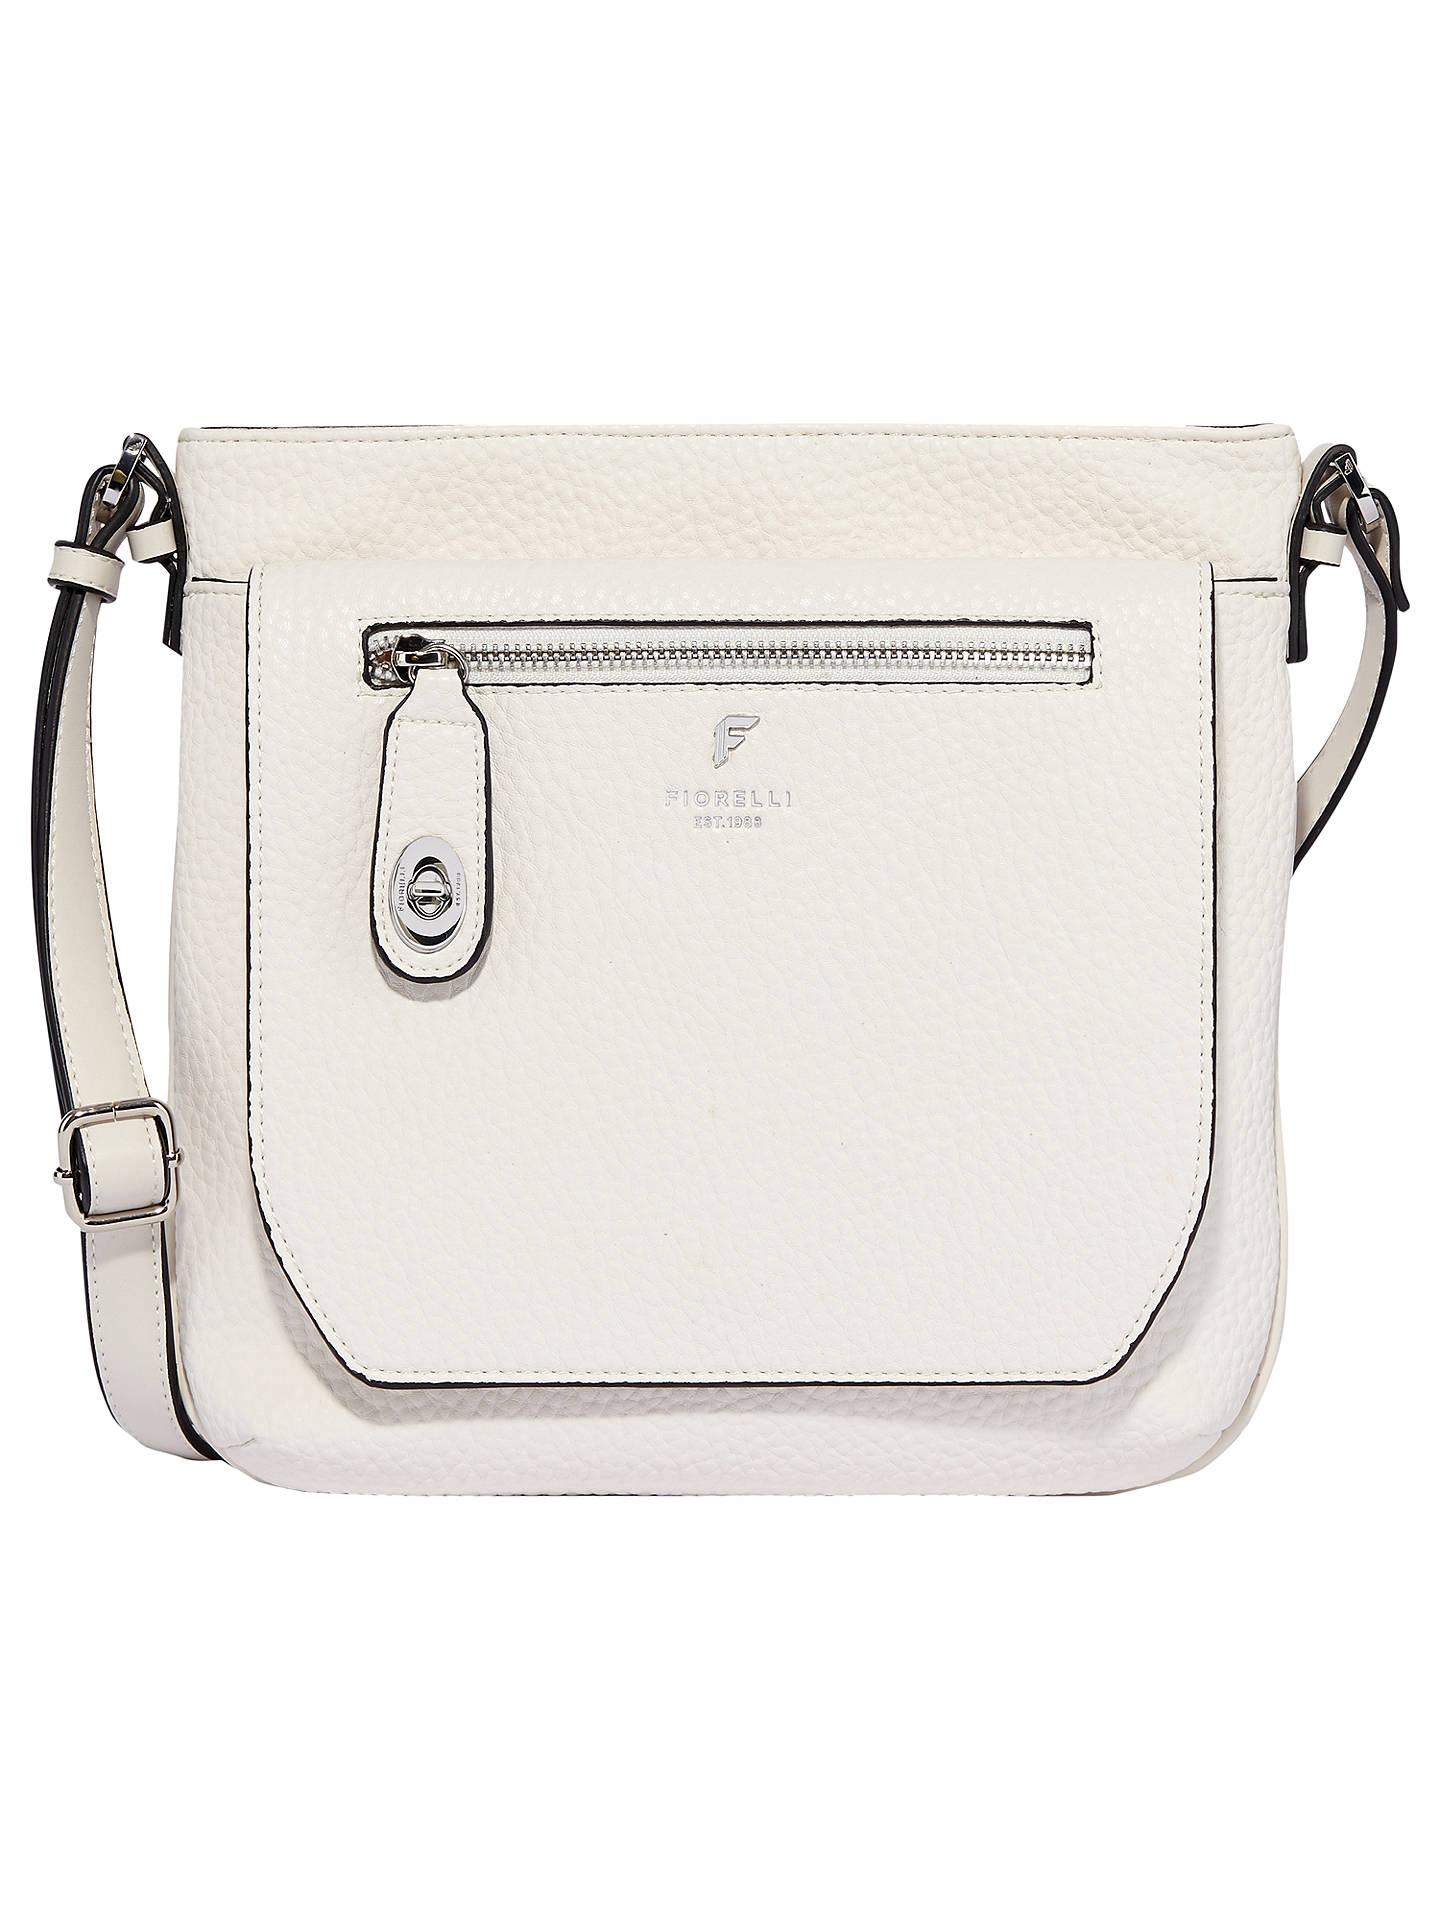 Fiorelli Jenson Cross Body Bag White Online At Johnlewis